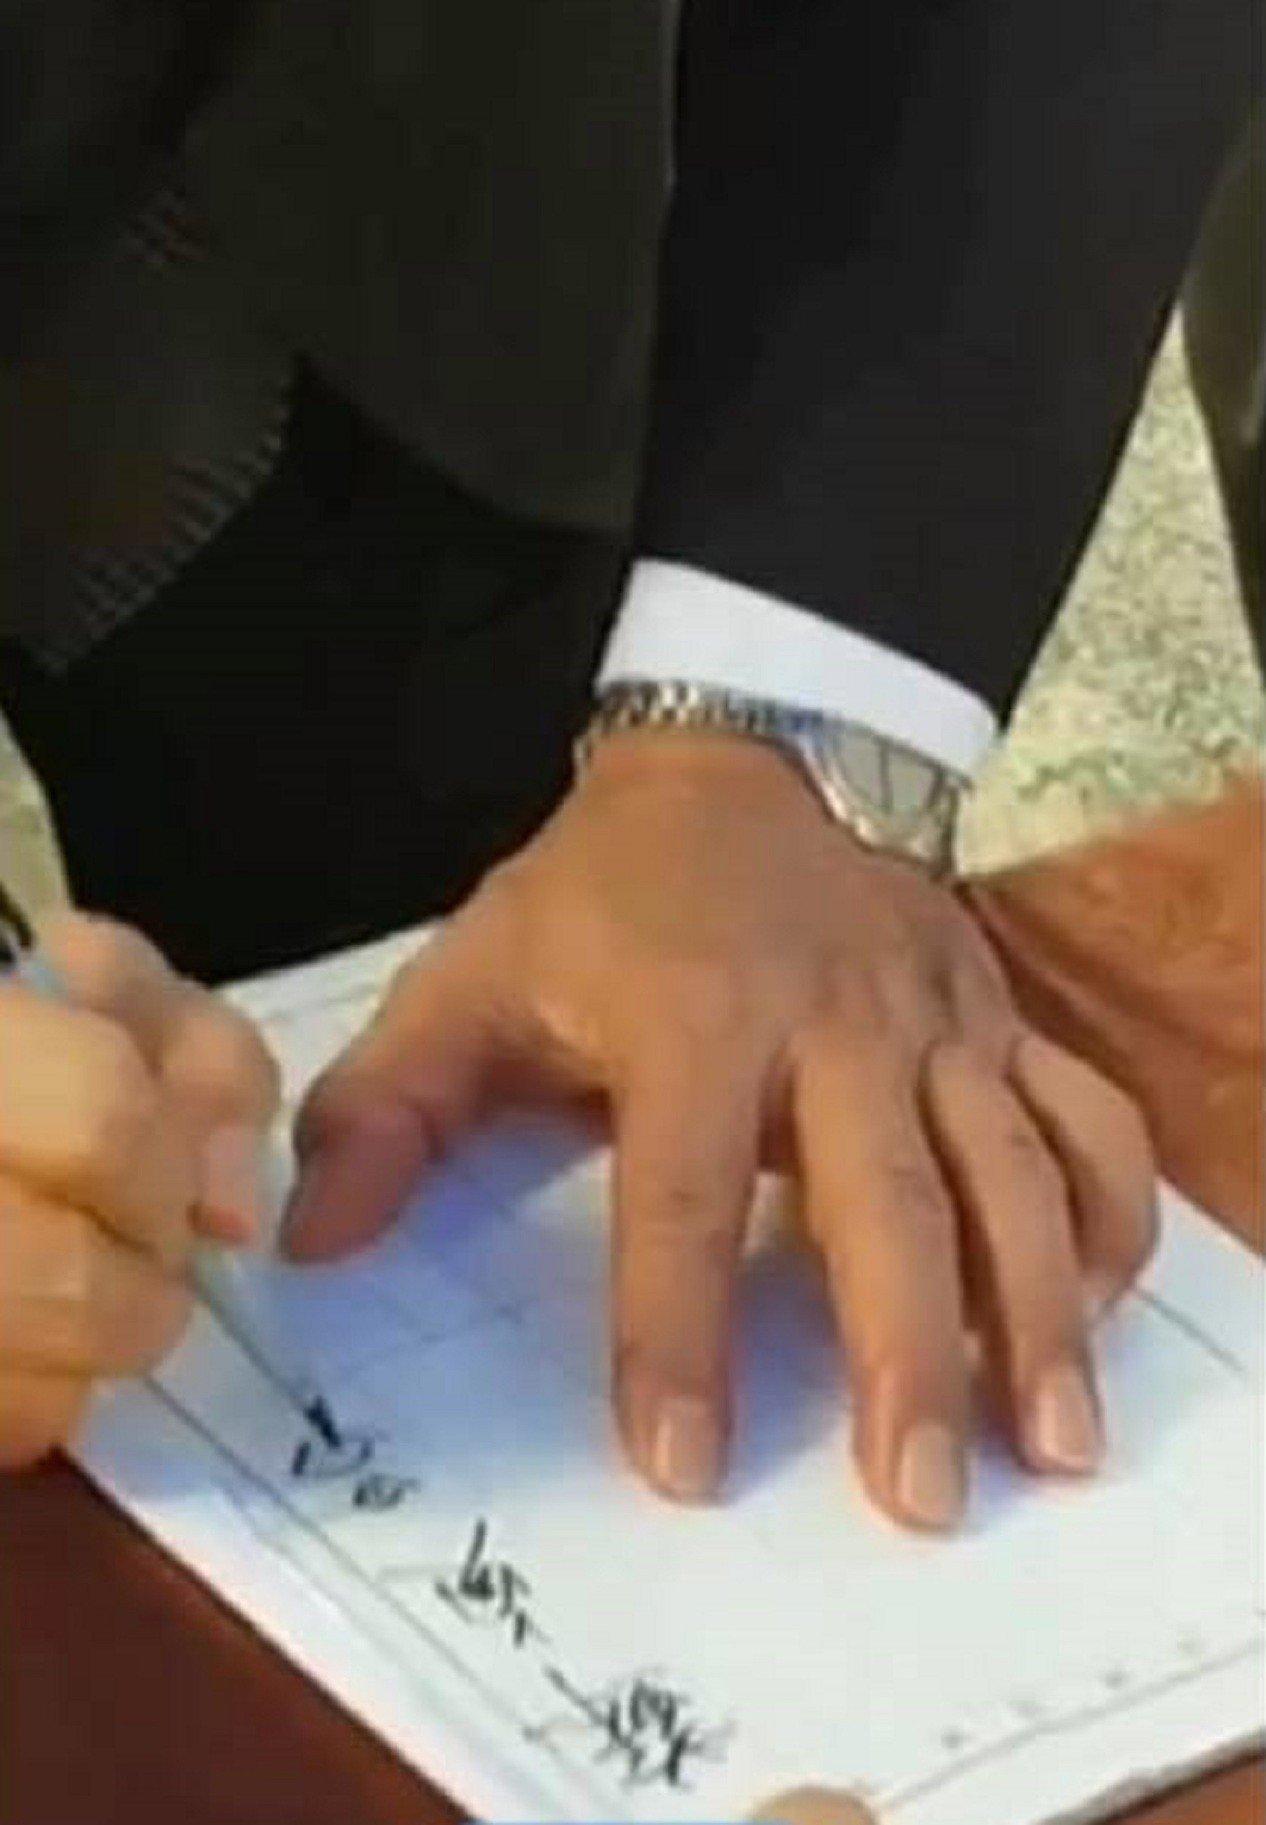 行政院長蘇貞昌日前參加一場告別式後擲筆,引發熱議。圖/翻攝自臉書